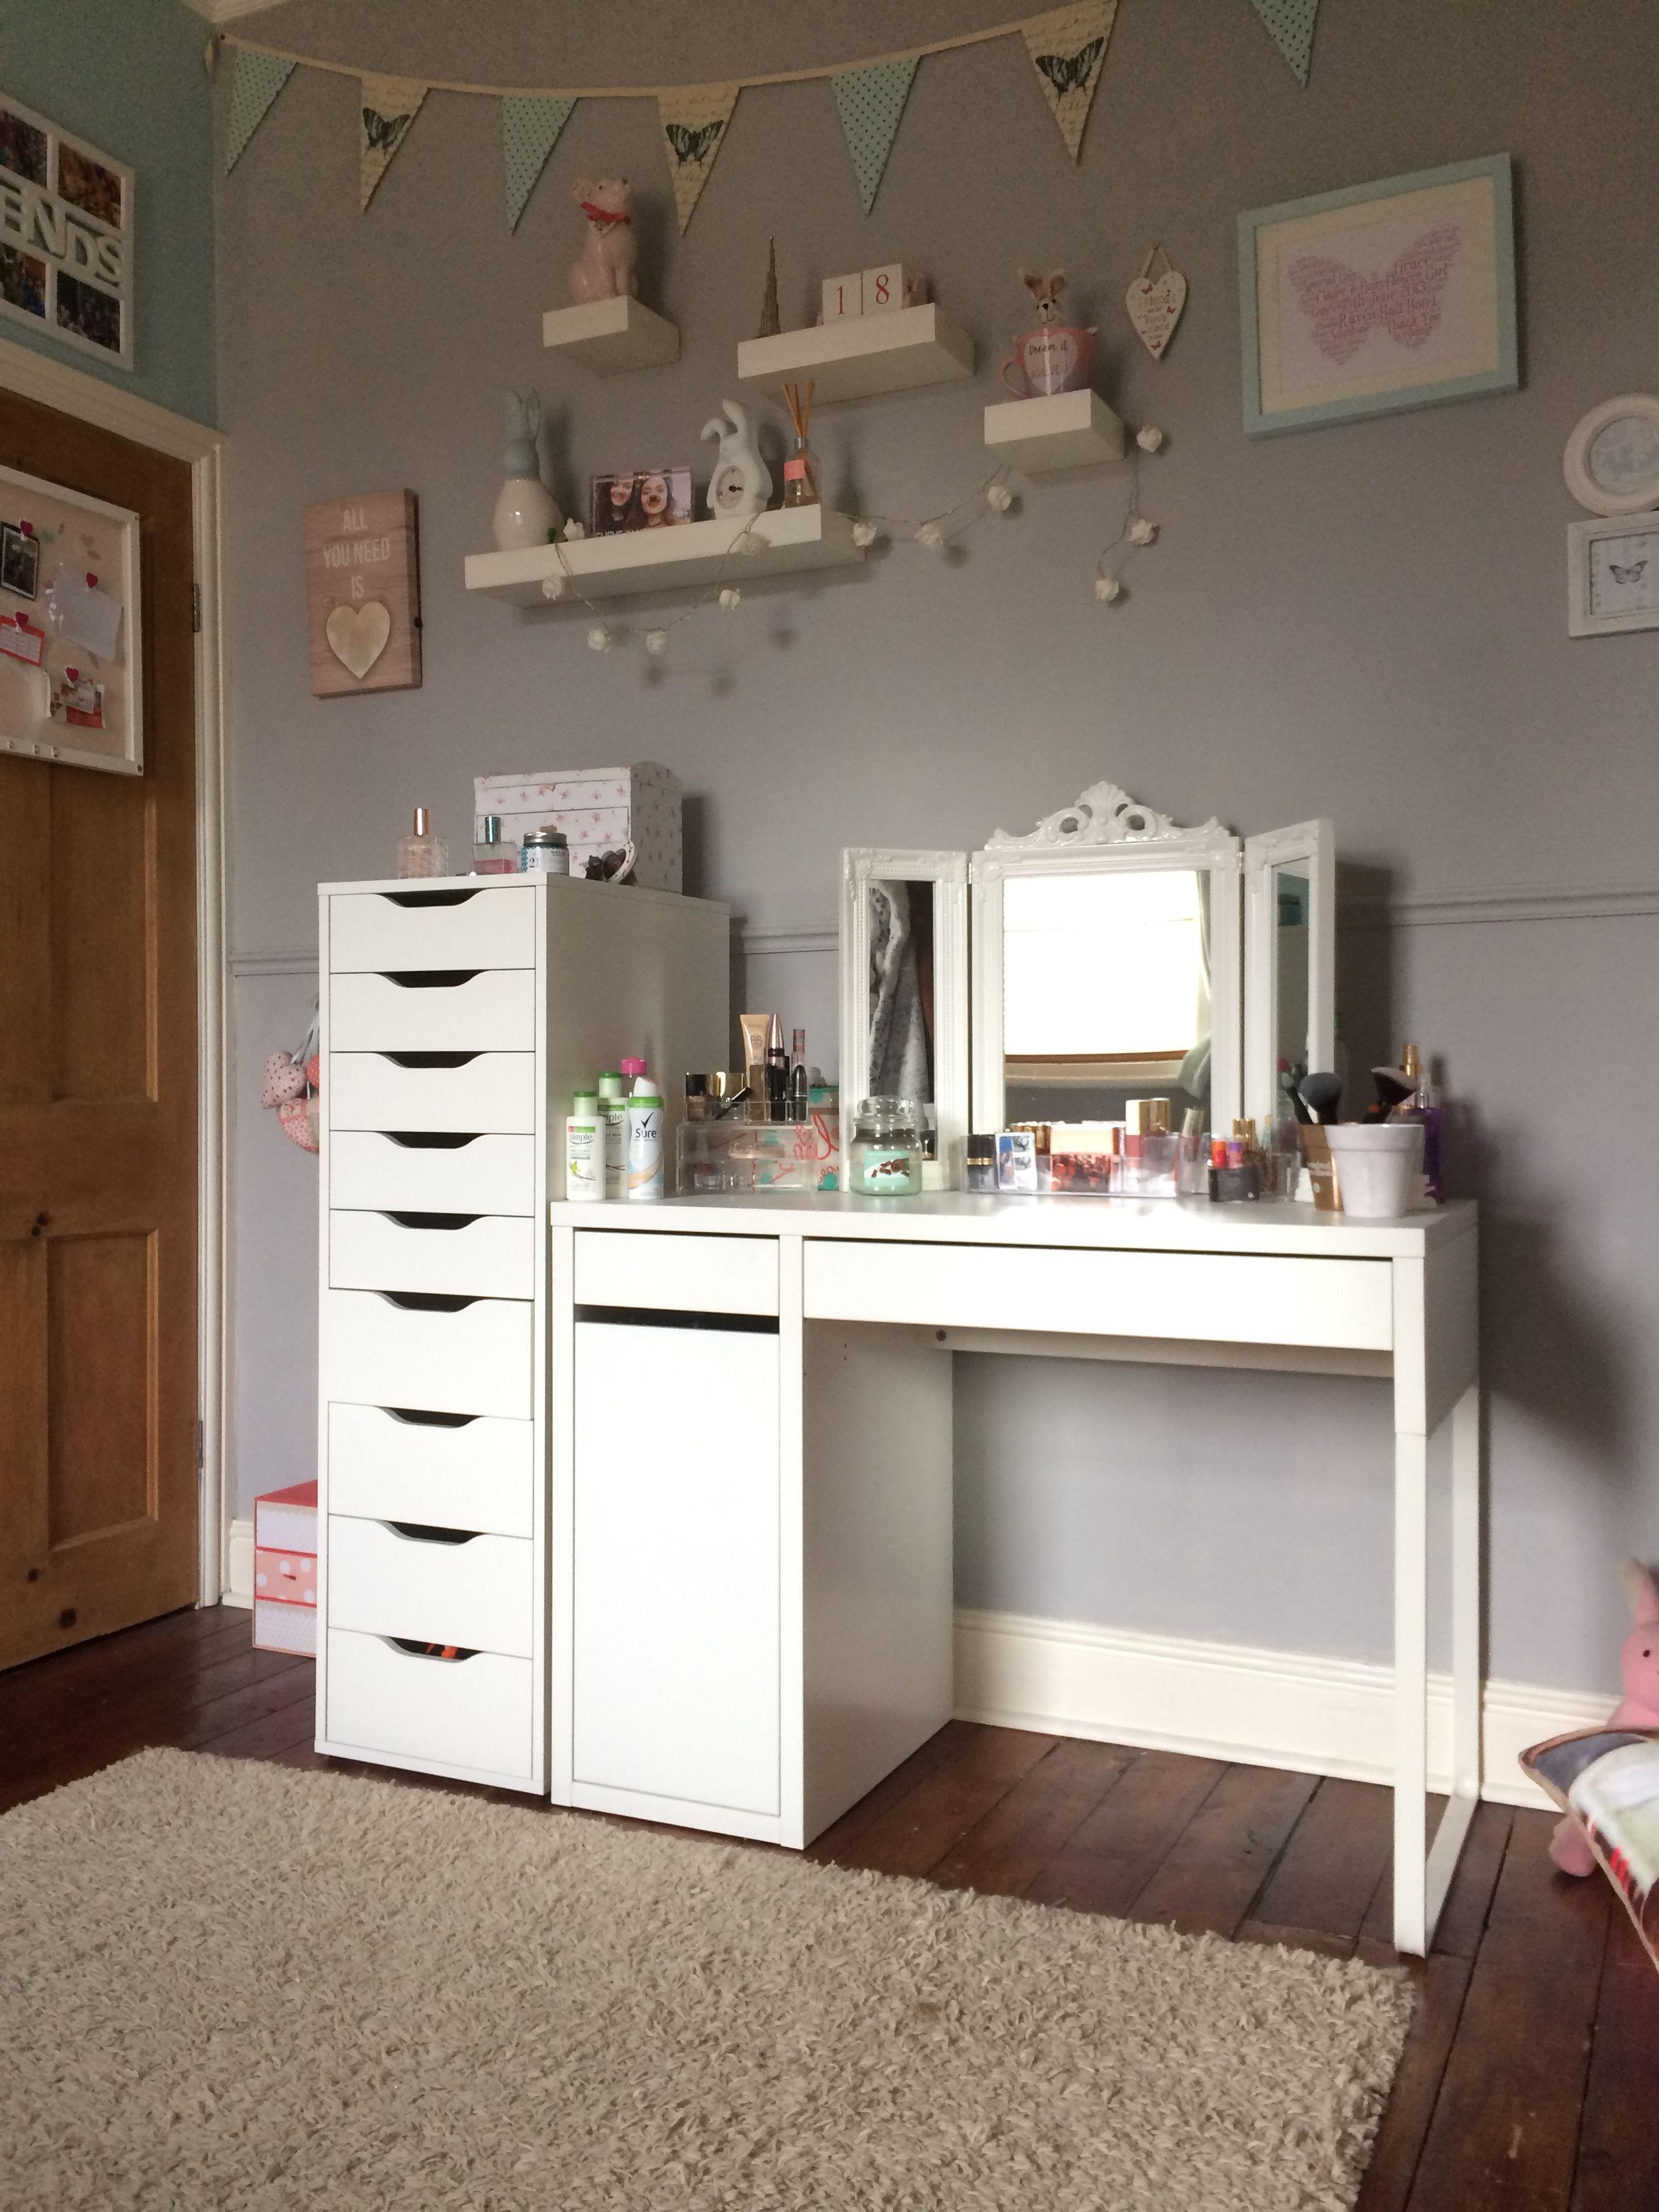 Best Kitchen Gallery: Teen Bedroom Ikea Bobbies Room Pinterest Bedrooms Room And of Ikea Teen Bedroom on rachelxblog.com